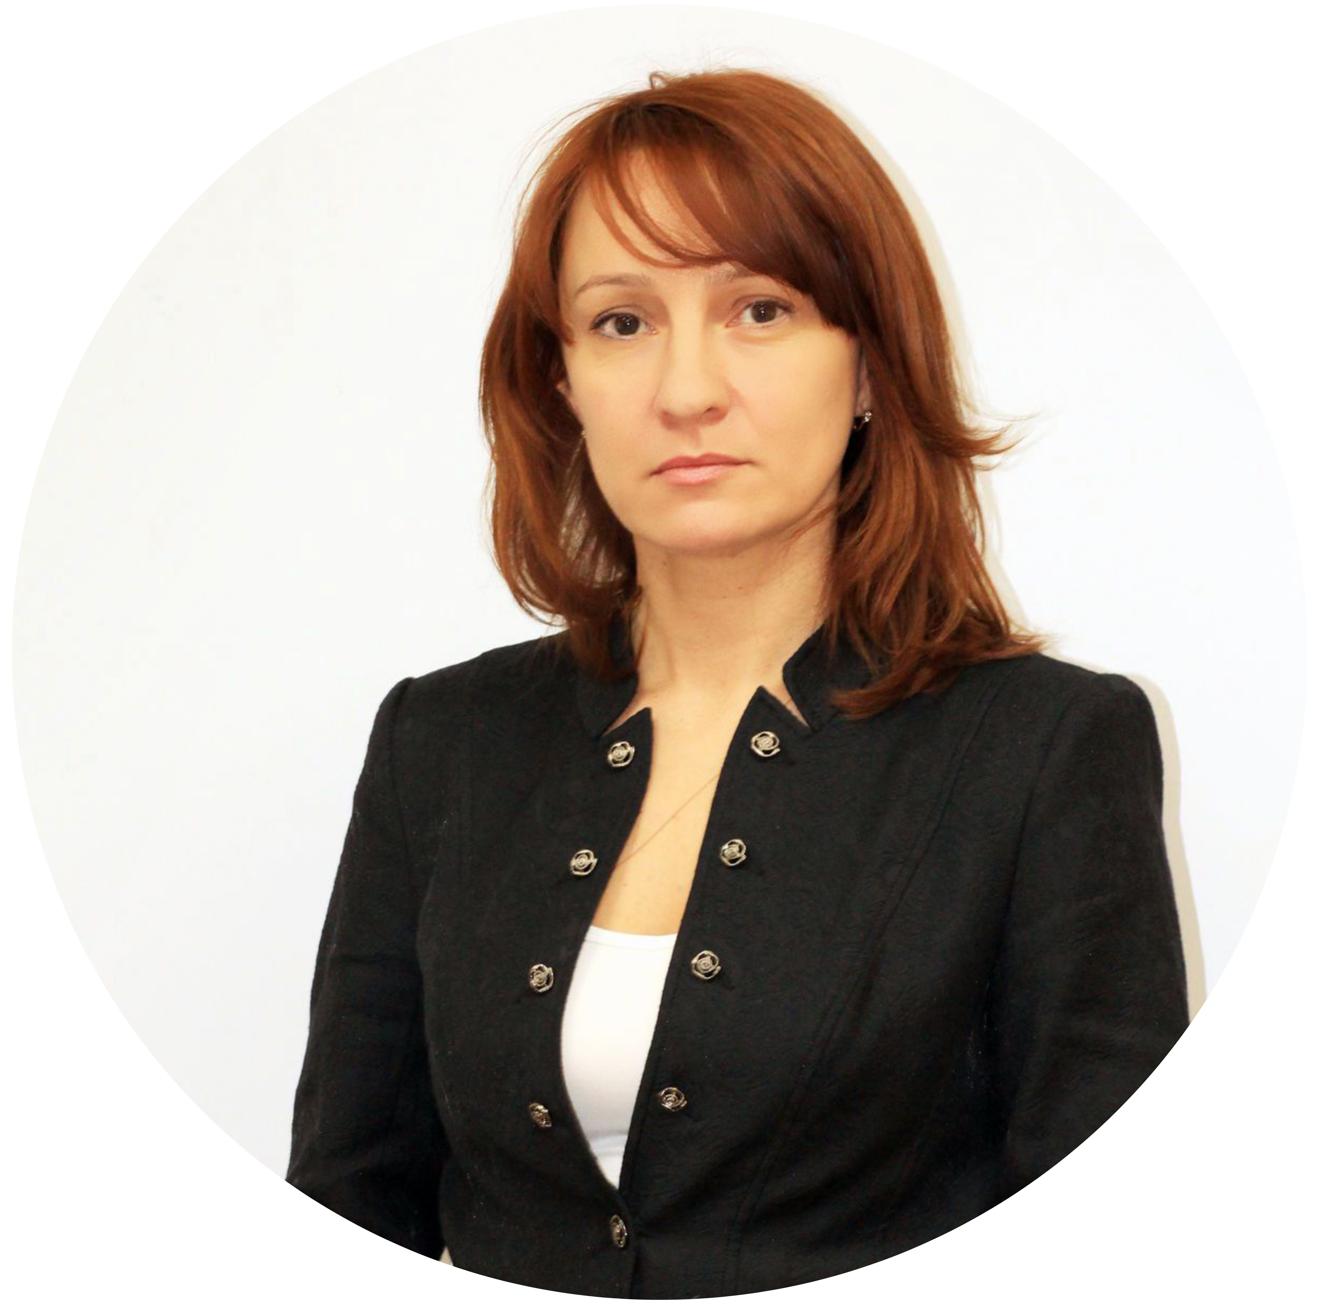 """В Нижнем Новгороде пройдет семинар-практикум """"Налоговая защита бизнеса в 2020 году"""" 2"""